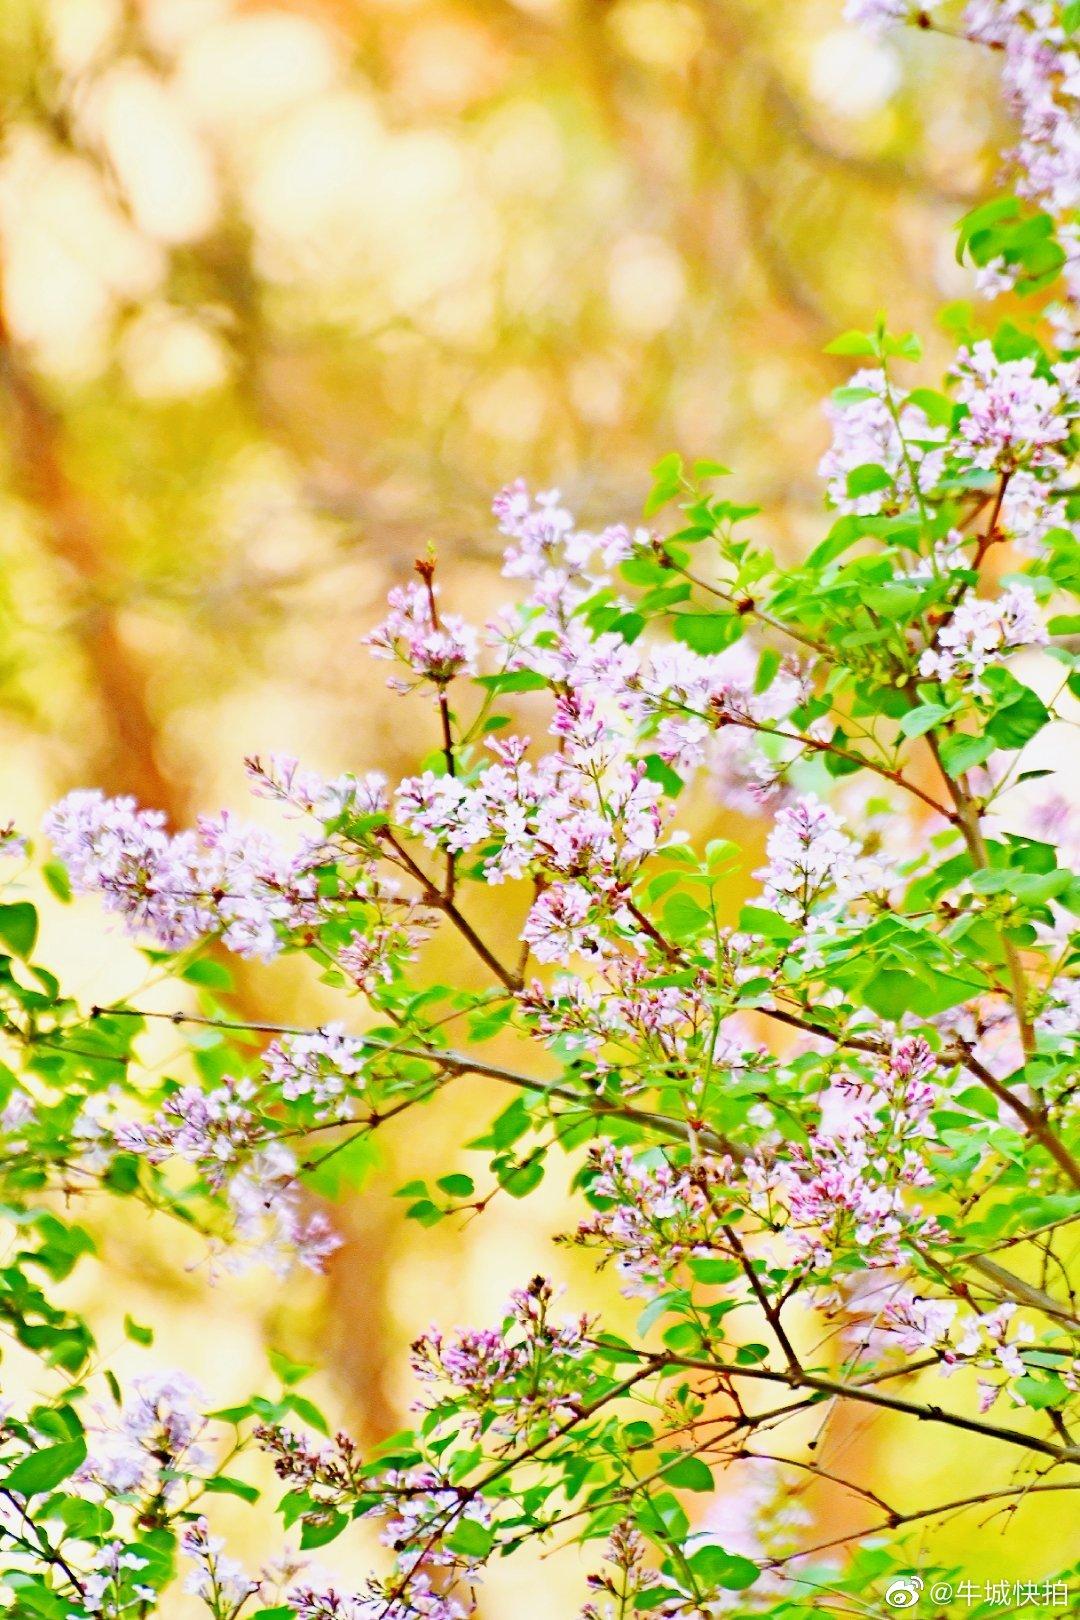 这个春天不寂寞,又一个丁香花开的季节来了